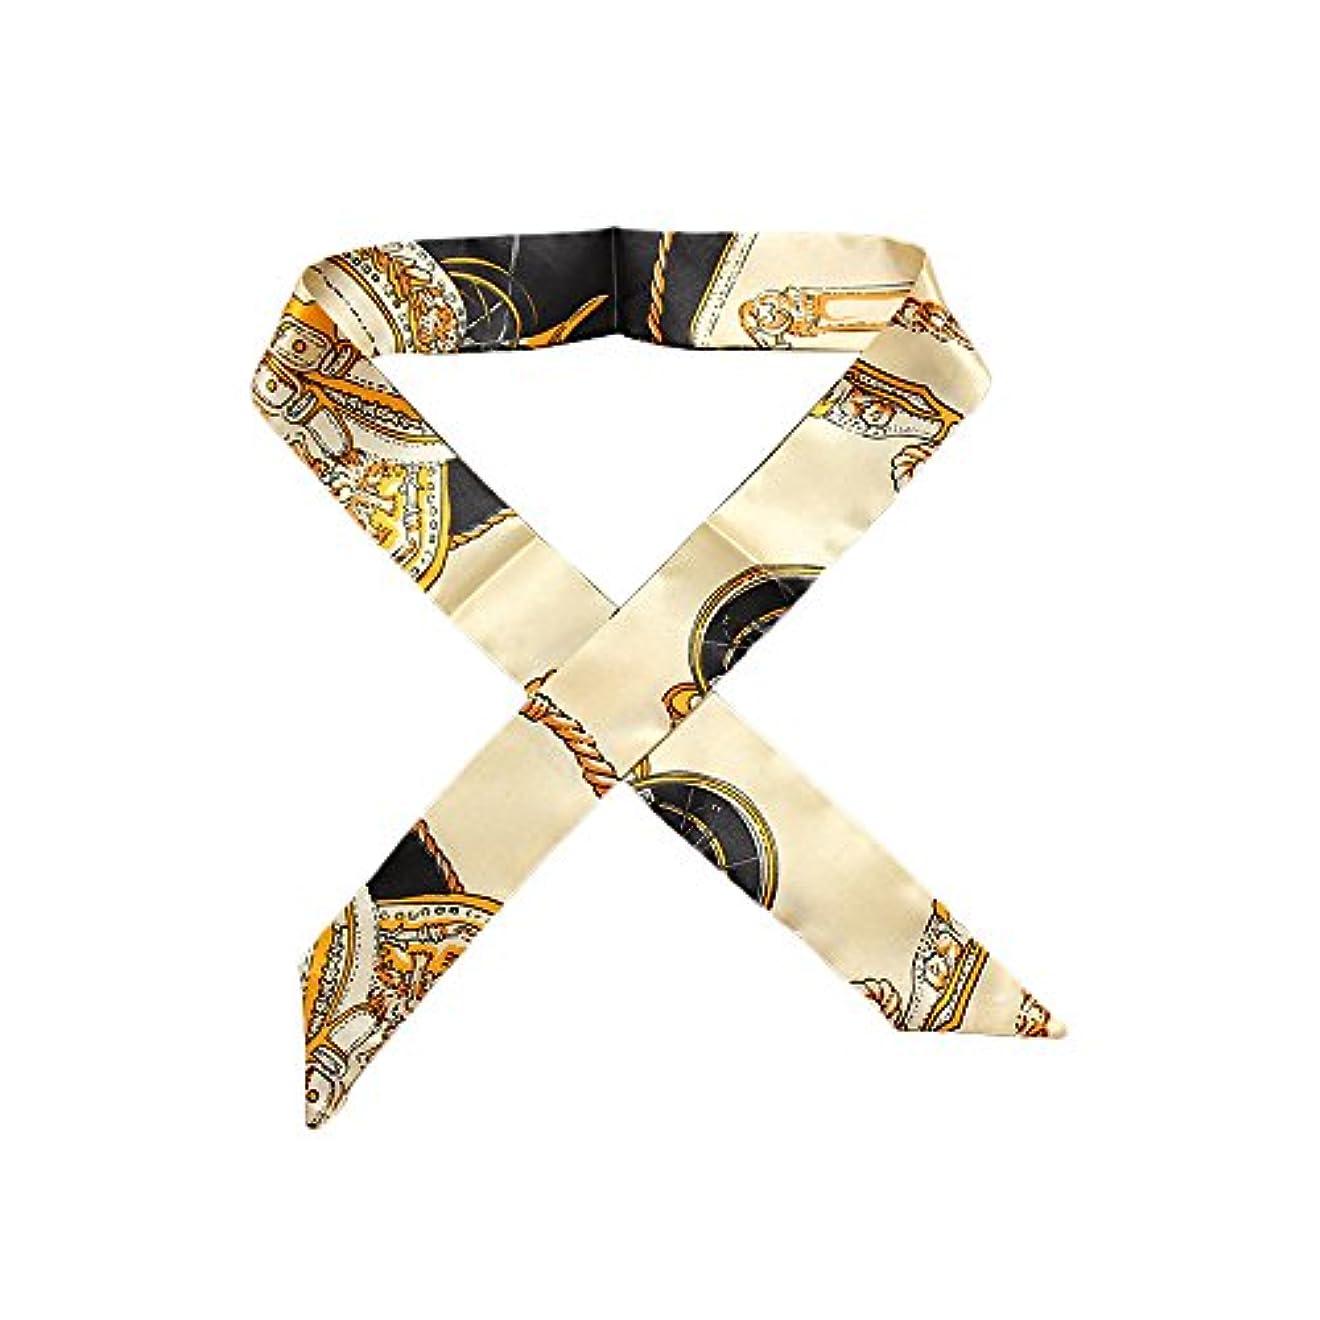 最初はシンボルこだわりSAISAI (サイサイ) スカーフ レディース バッグ用 ペイズリー柄 ツイリースカーフ SC-0001 (B-2)